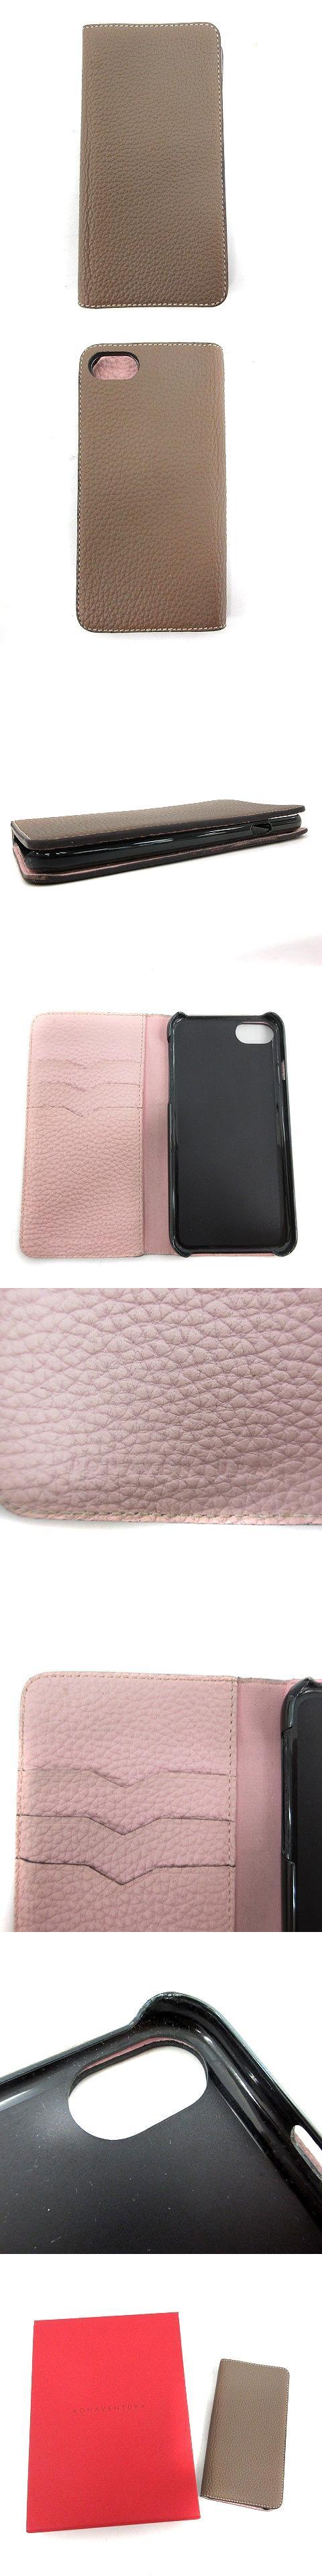 iPhone7ケース 手帳型 二つ折り レザー 茶 ブラウン ピンク /MR